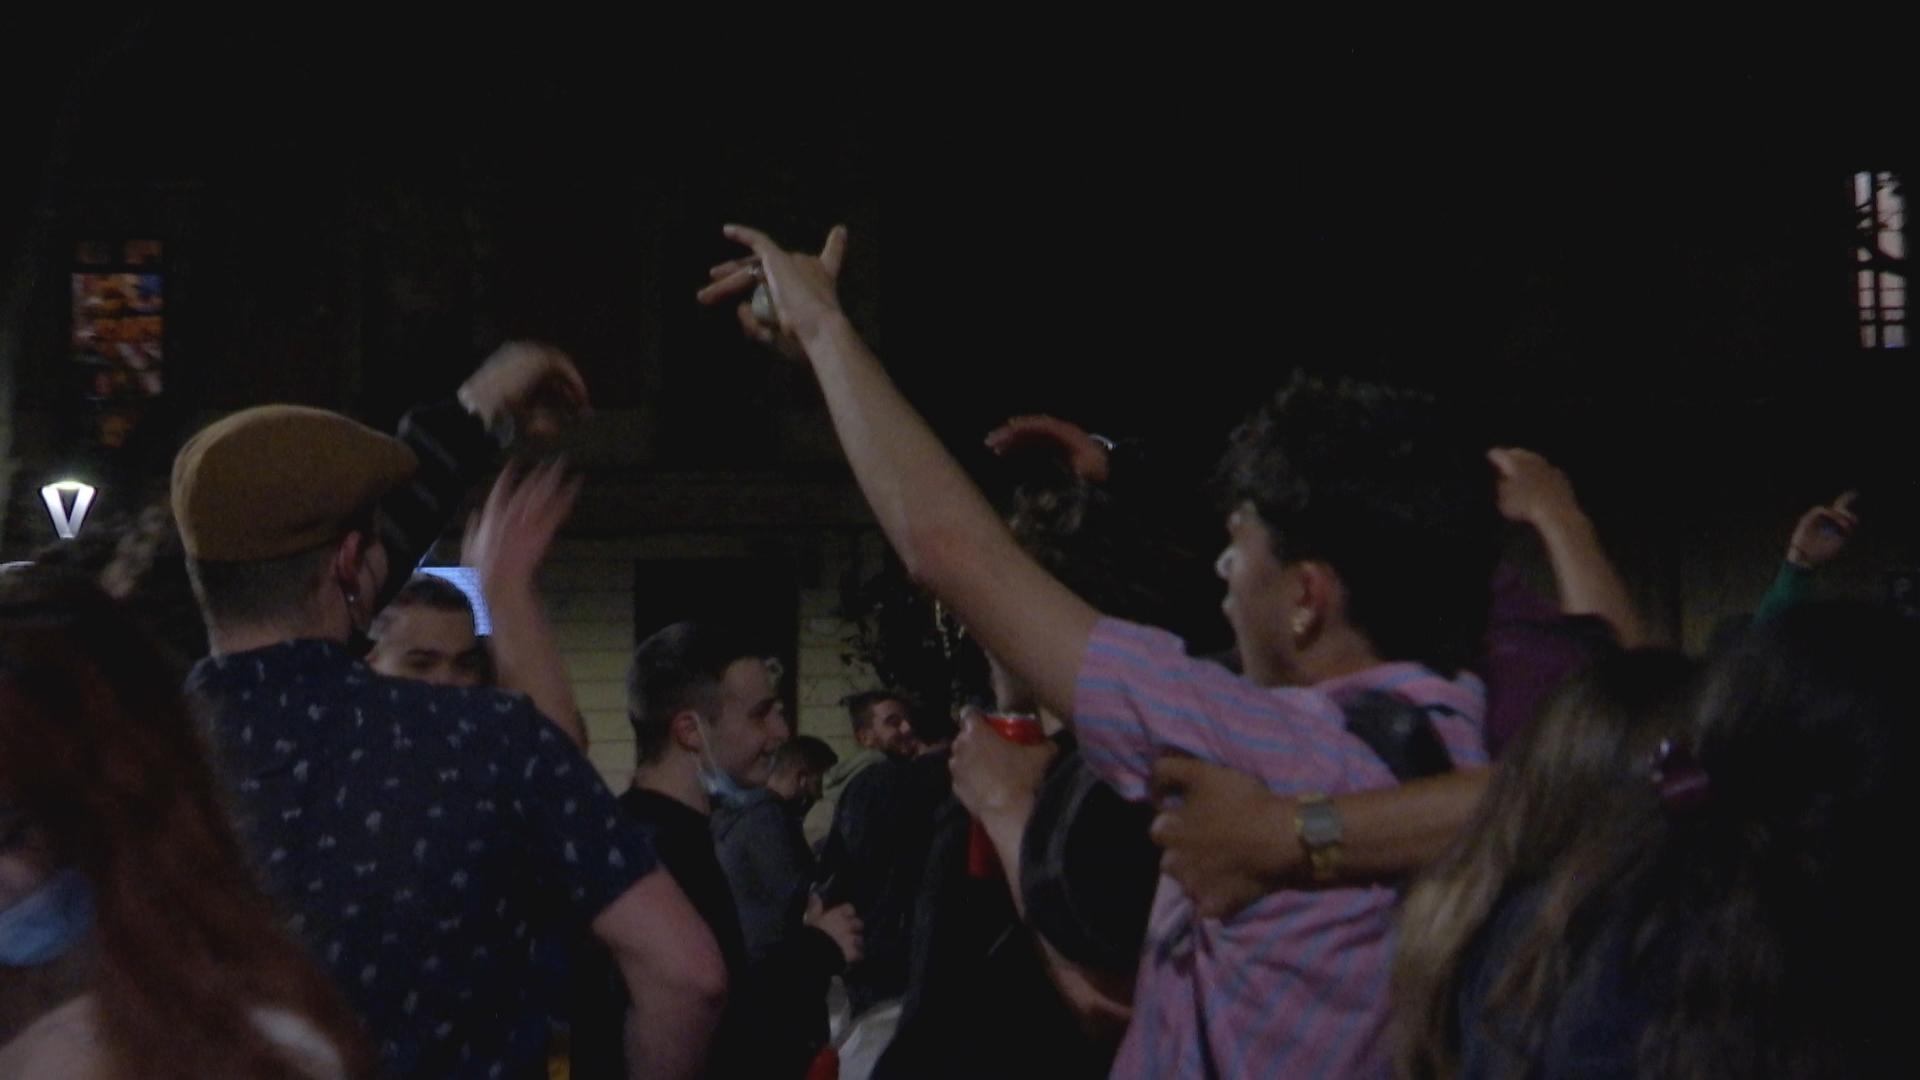 Festa de nit plaça Virreina